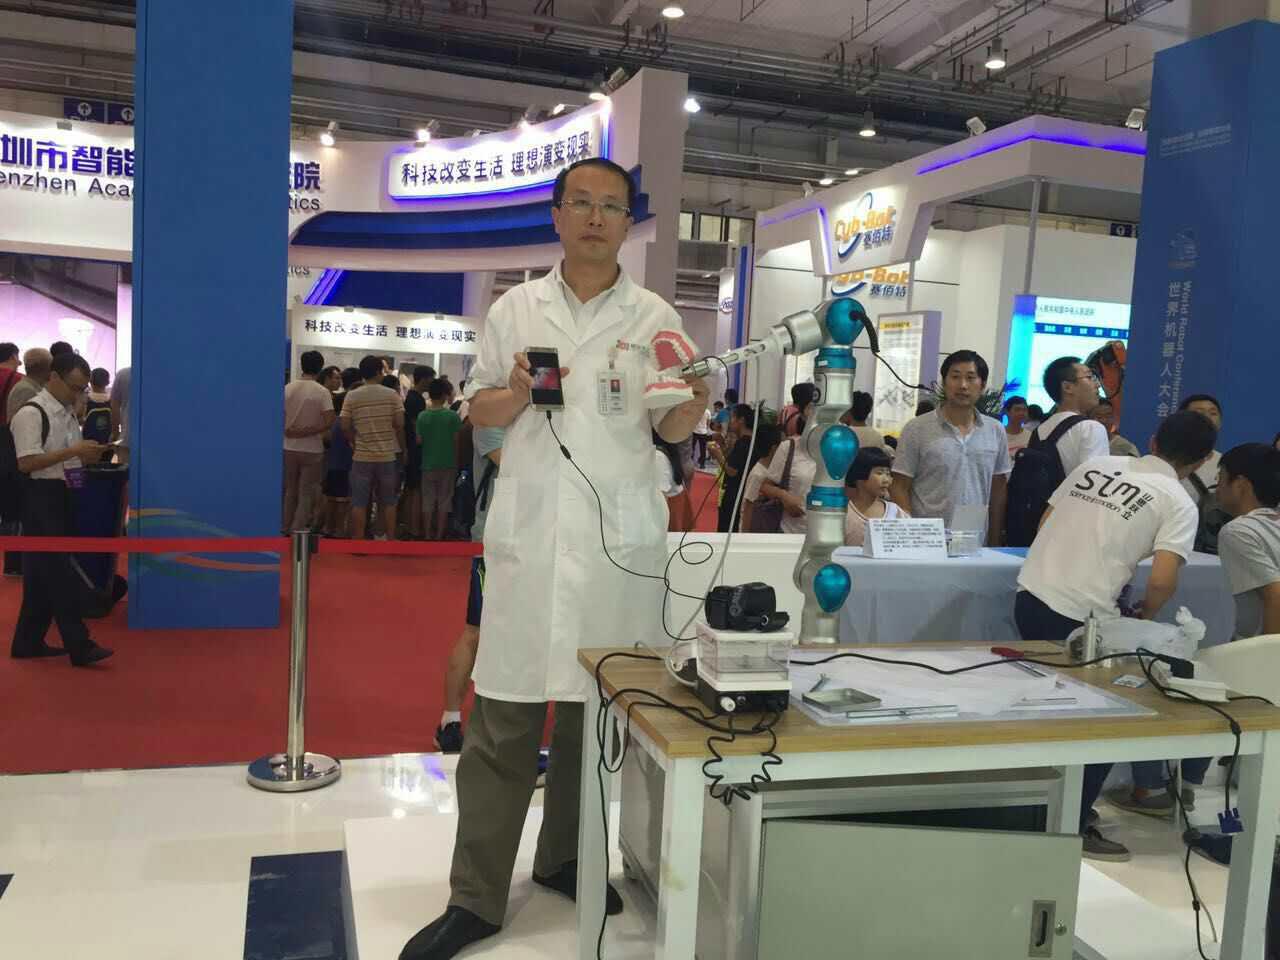 301医院等机构成功研发口腔洗牙机器人 让牙齿治疗更精准安全